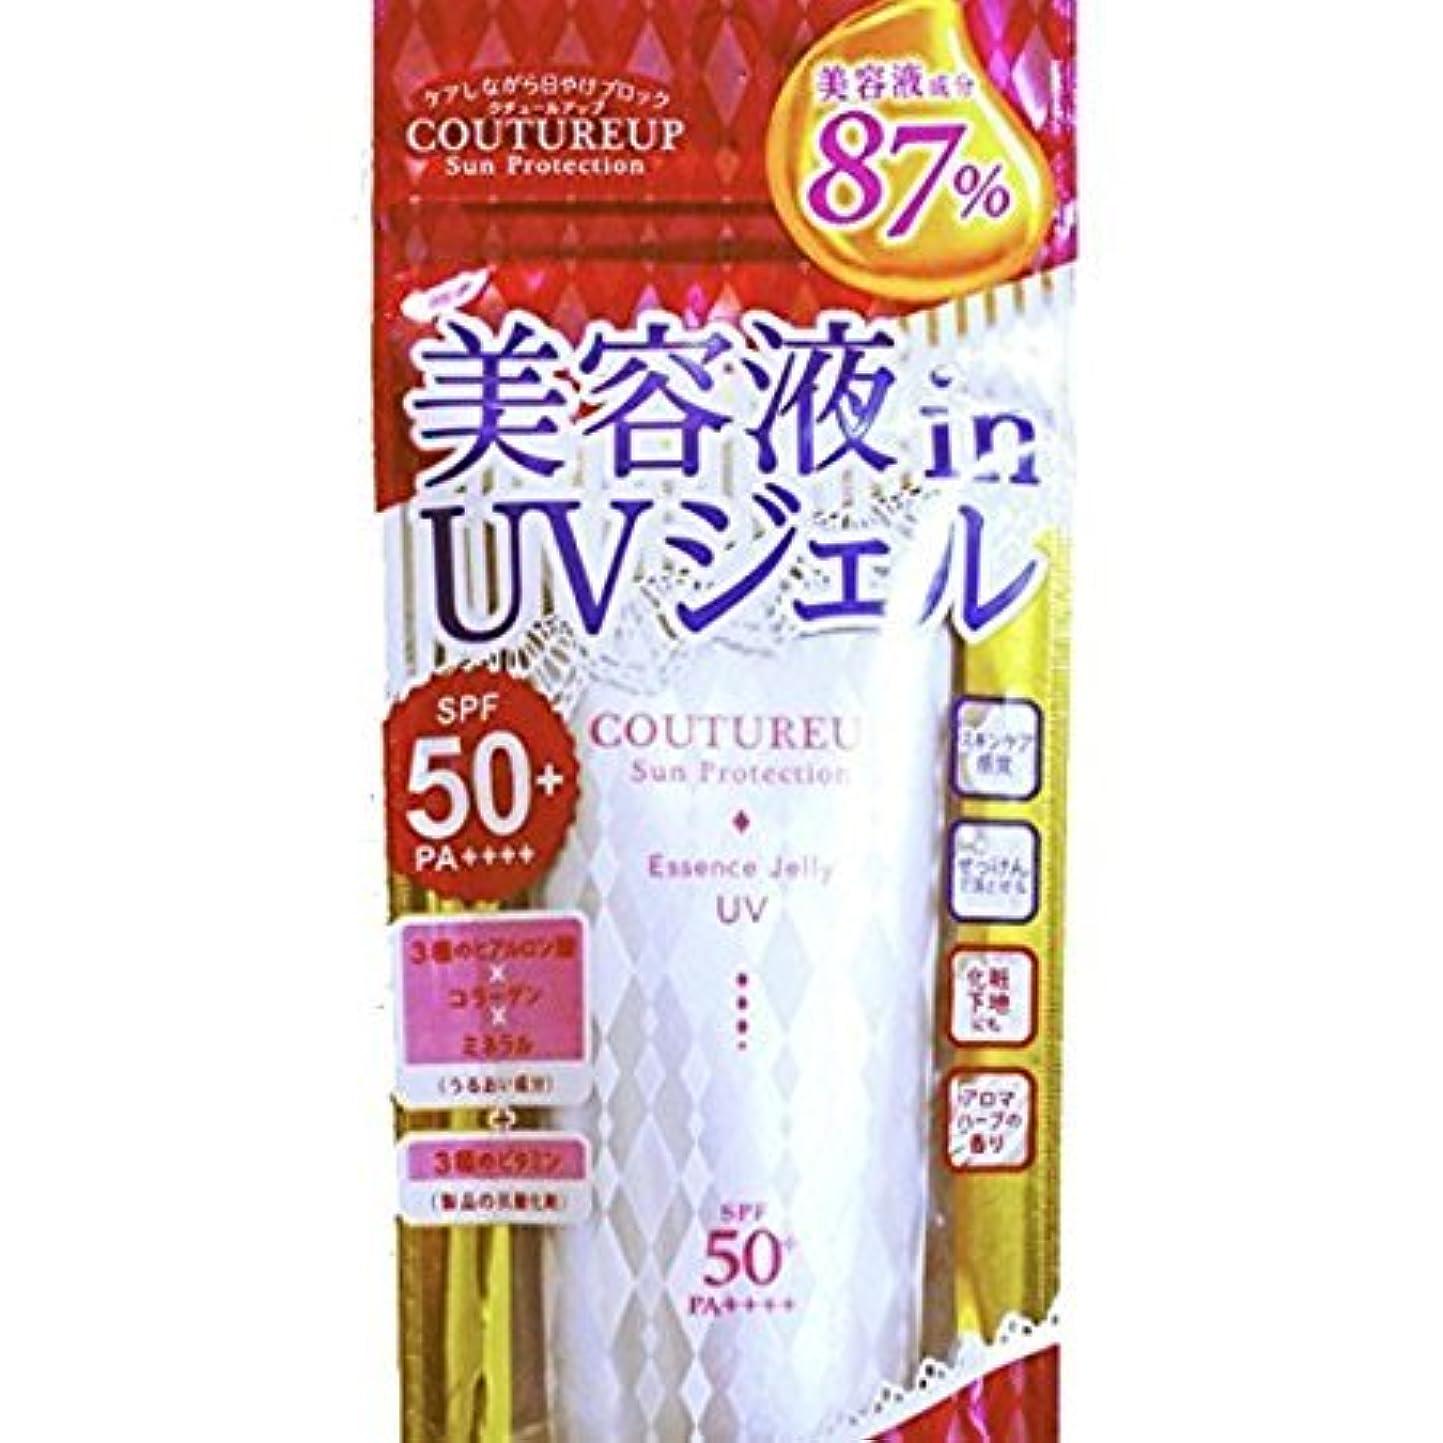 ひまわり蛾苦行美容液 in UVジェル SPF50+/PA++++ 65g 美容液成分87% 日焼け止め&化粧下地